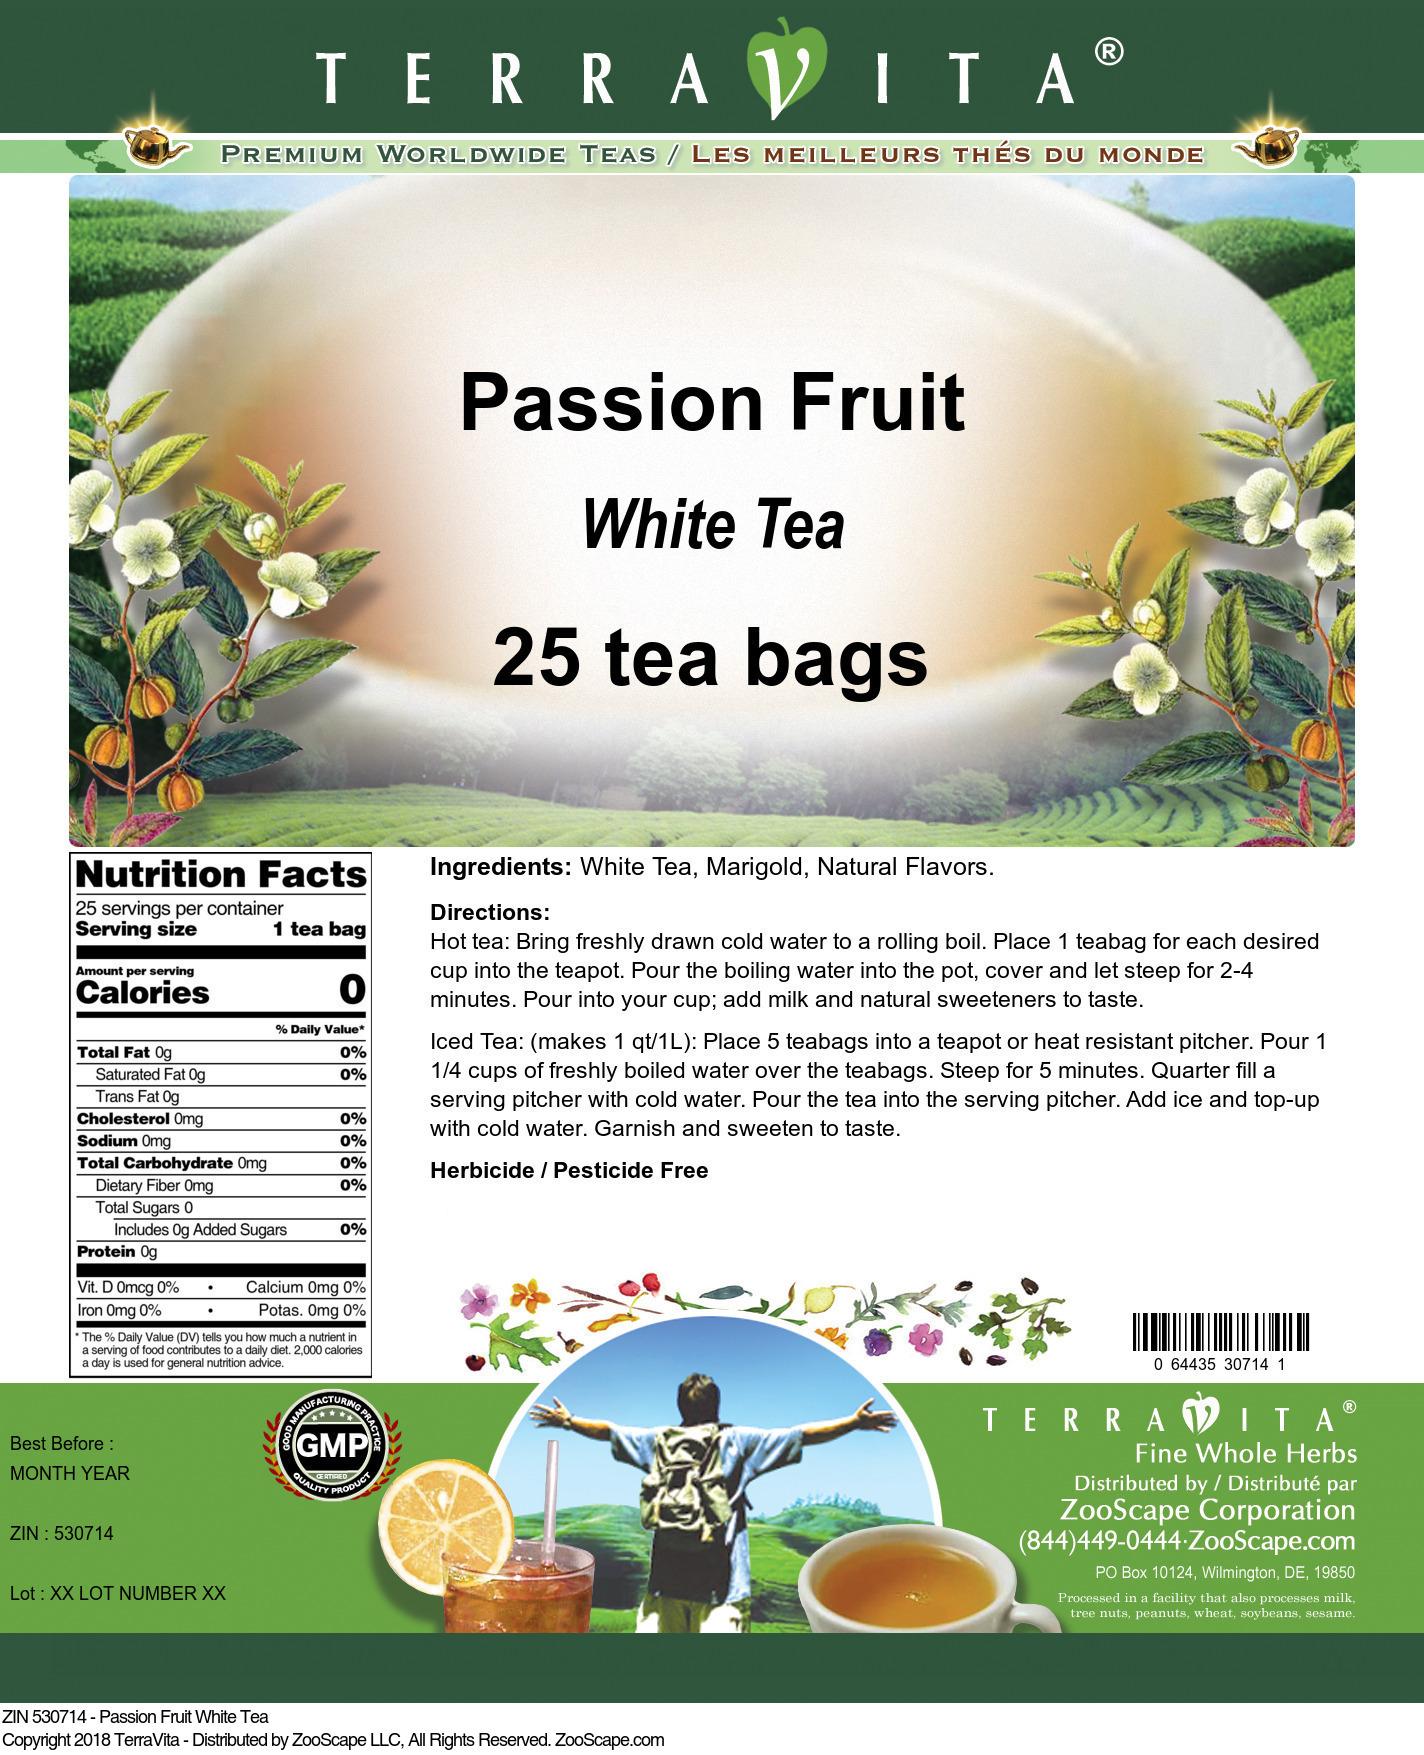 Passion Fruit White Tea